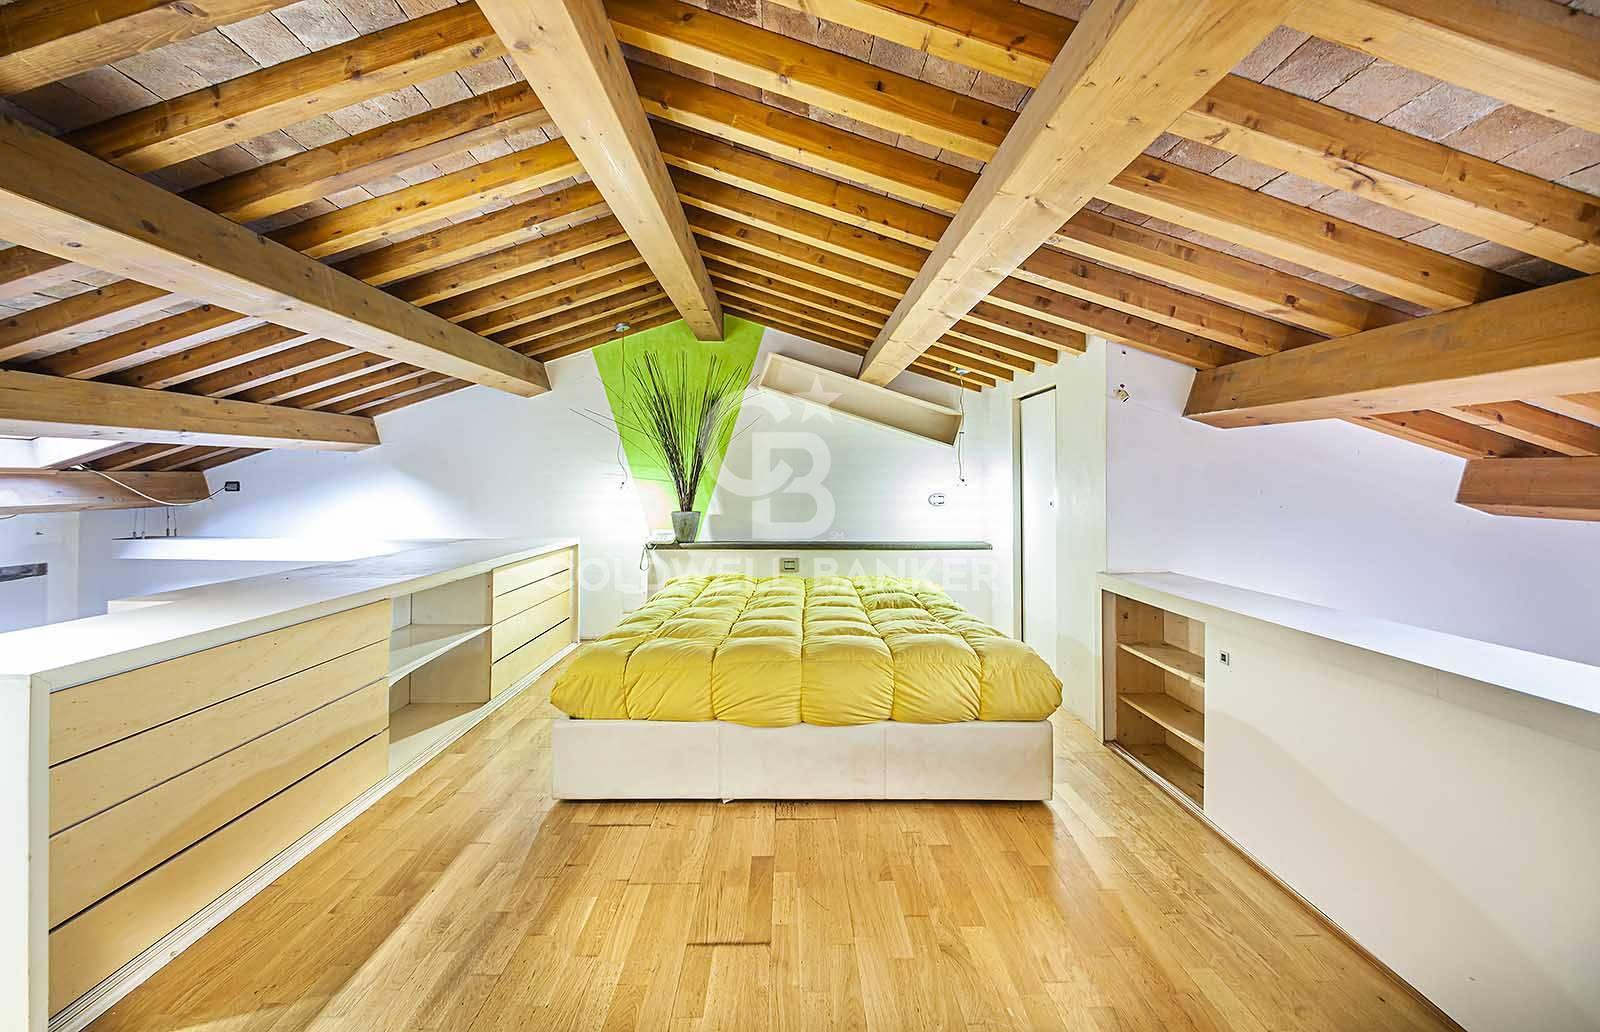 Appartamento in vendita a Viterbo, 2 locali, zona Zona: Bagnaia, prezzo € 78.000 | CambioCasa.it